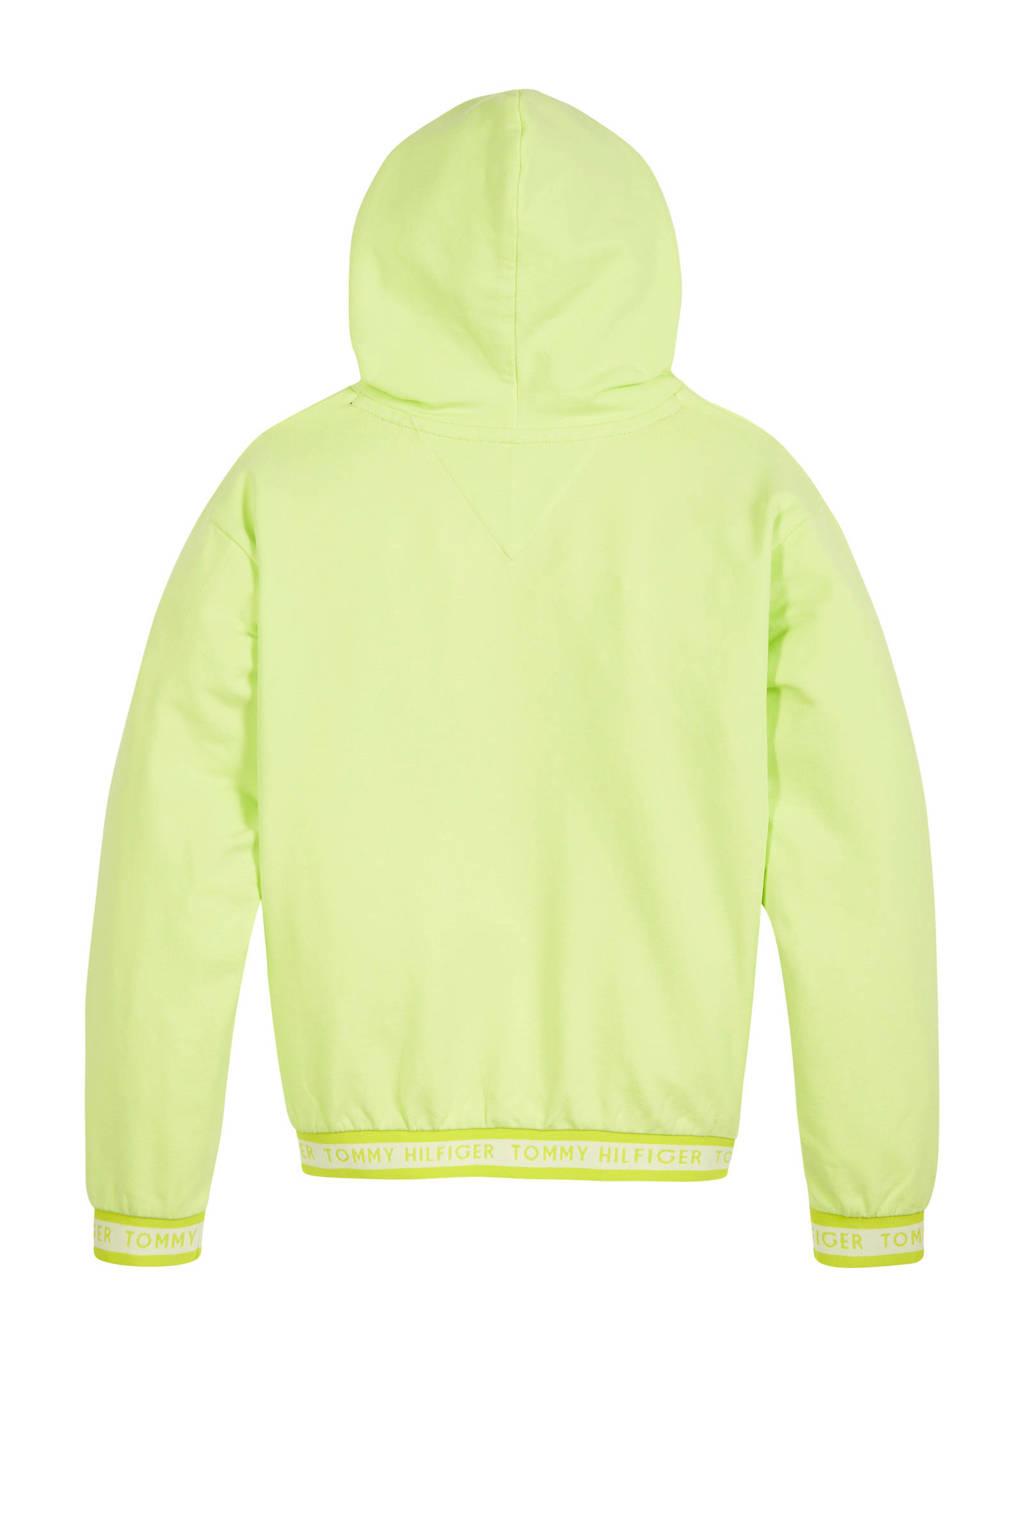 Tommy Hilfiger hoodie met logo limegroen, Limegroen